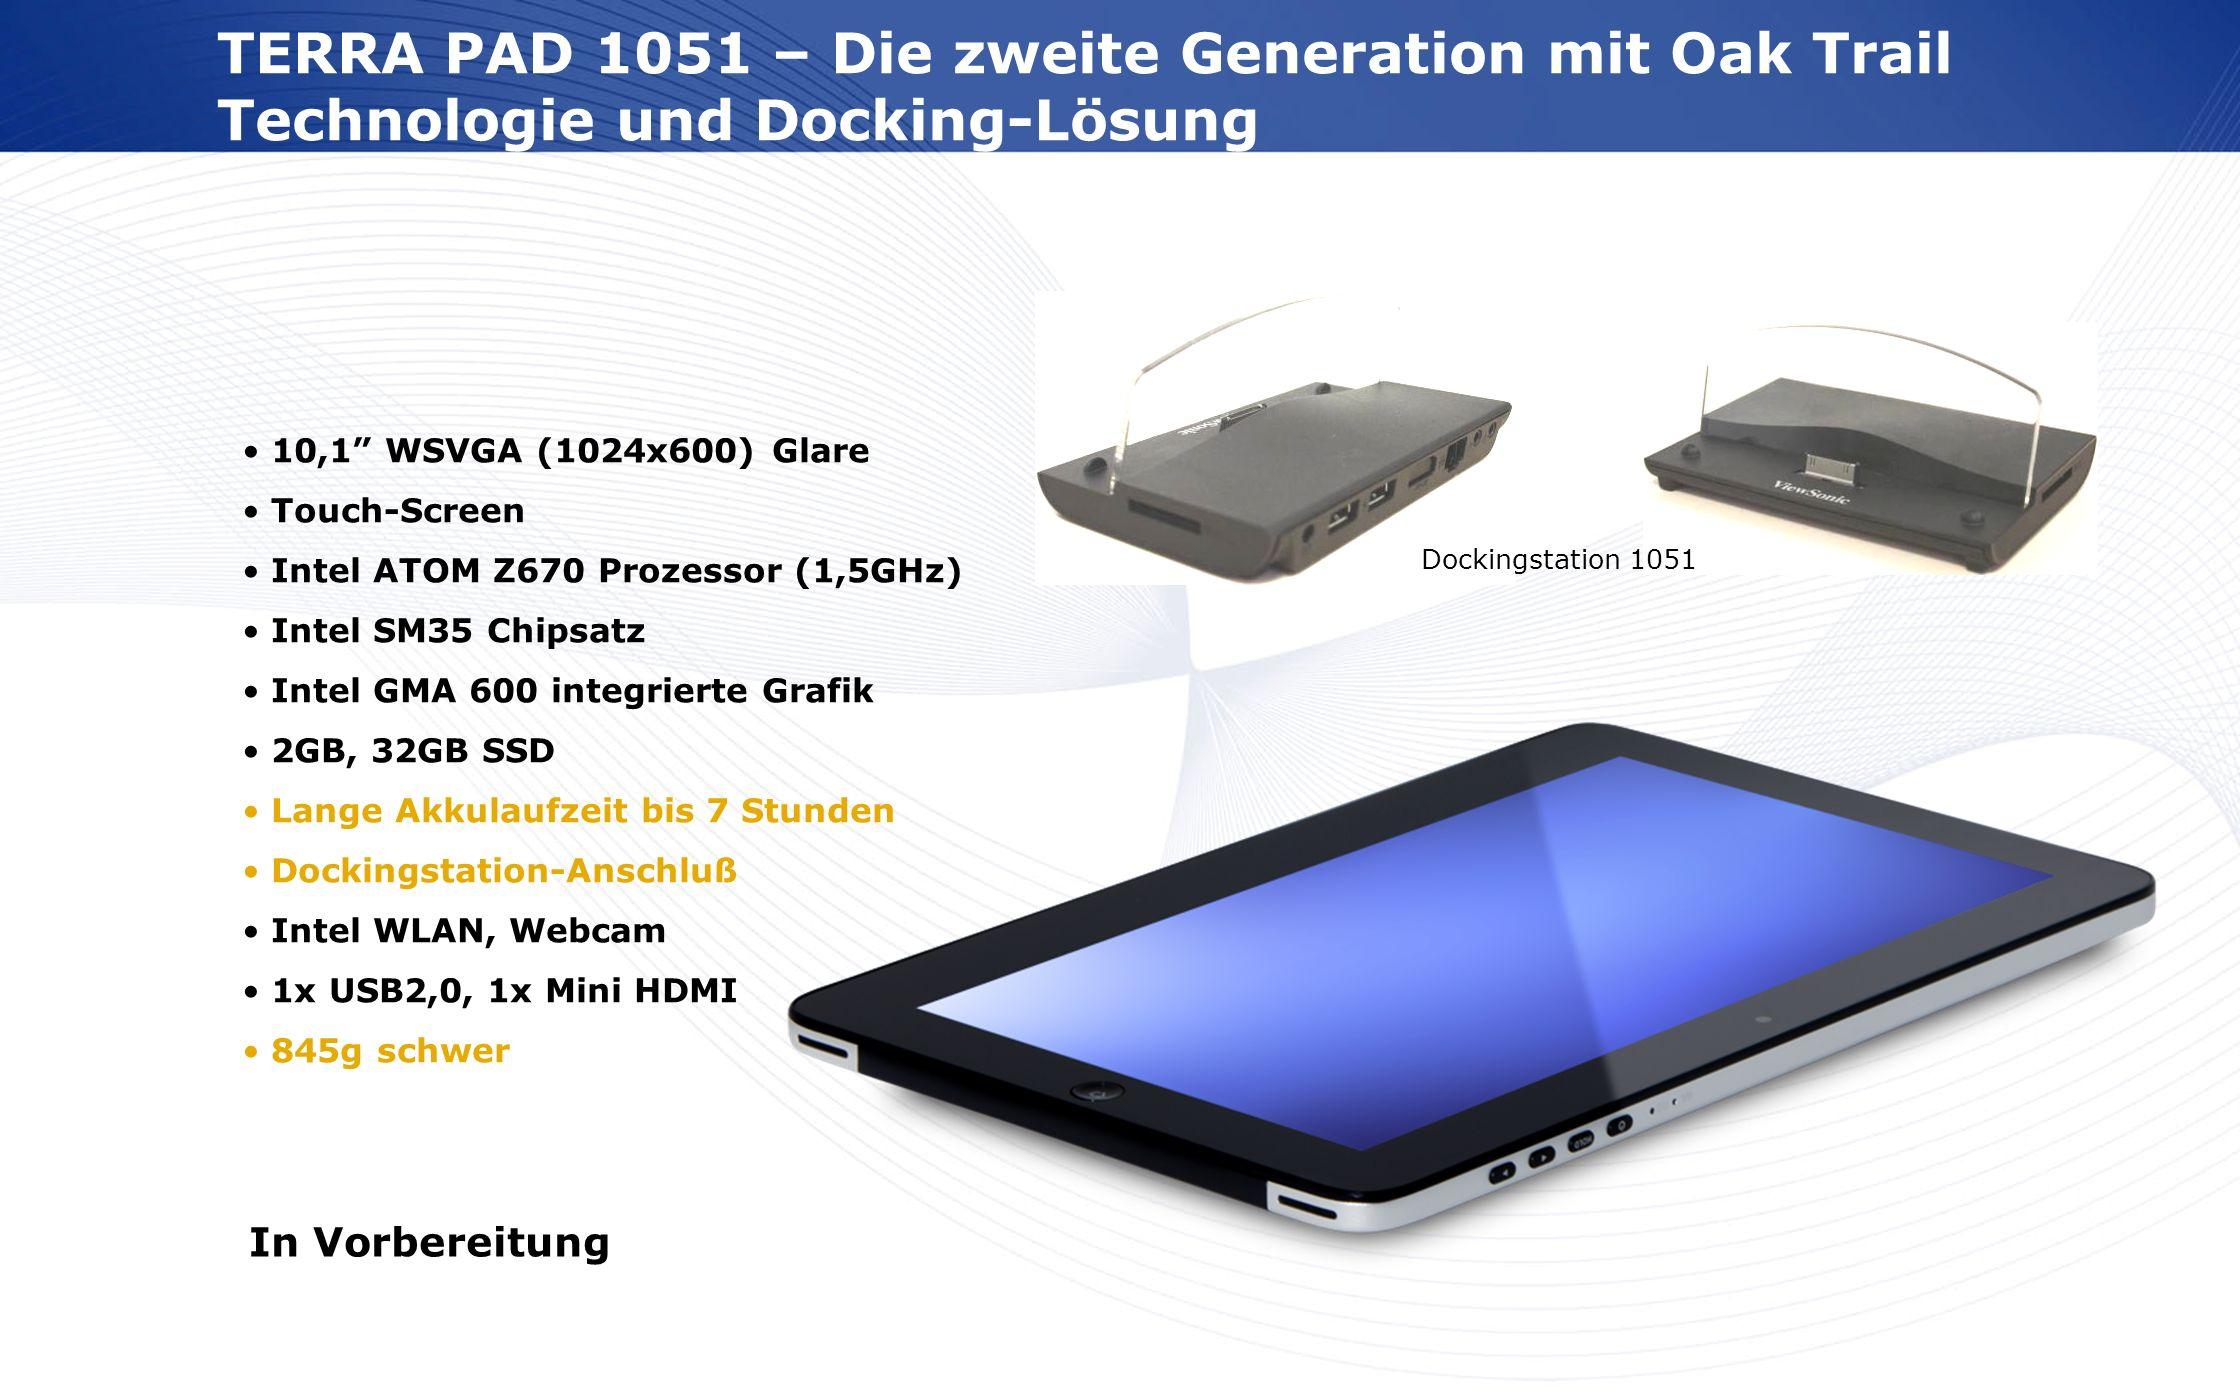 TERRA PAD 1051 – Die zweite Generation mit Oak Trail Technologie und Docking-Lösung